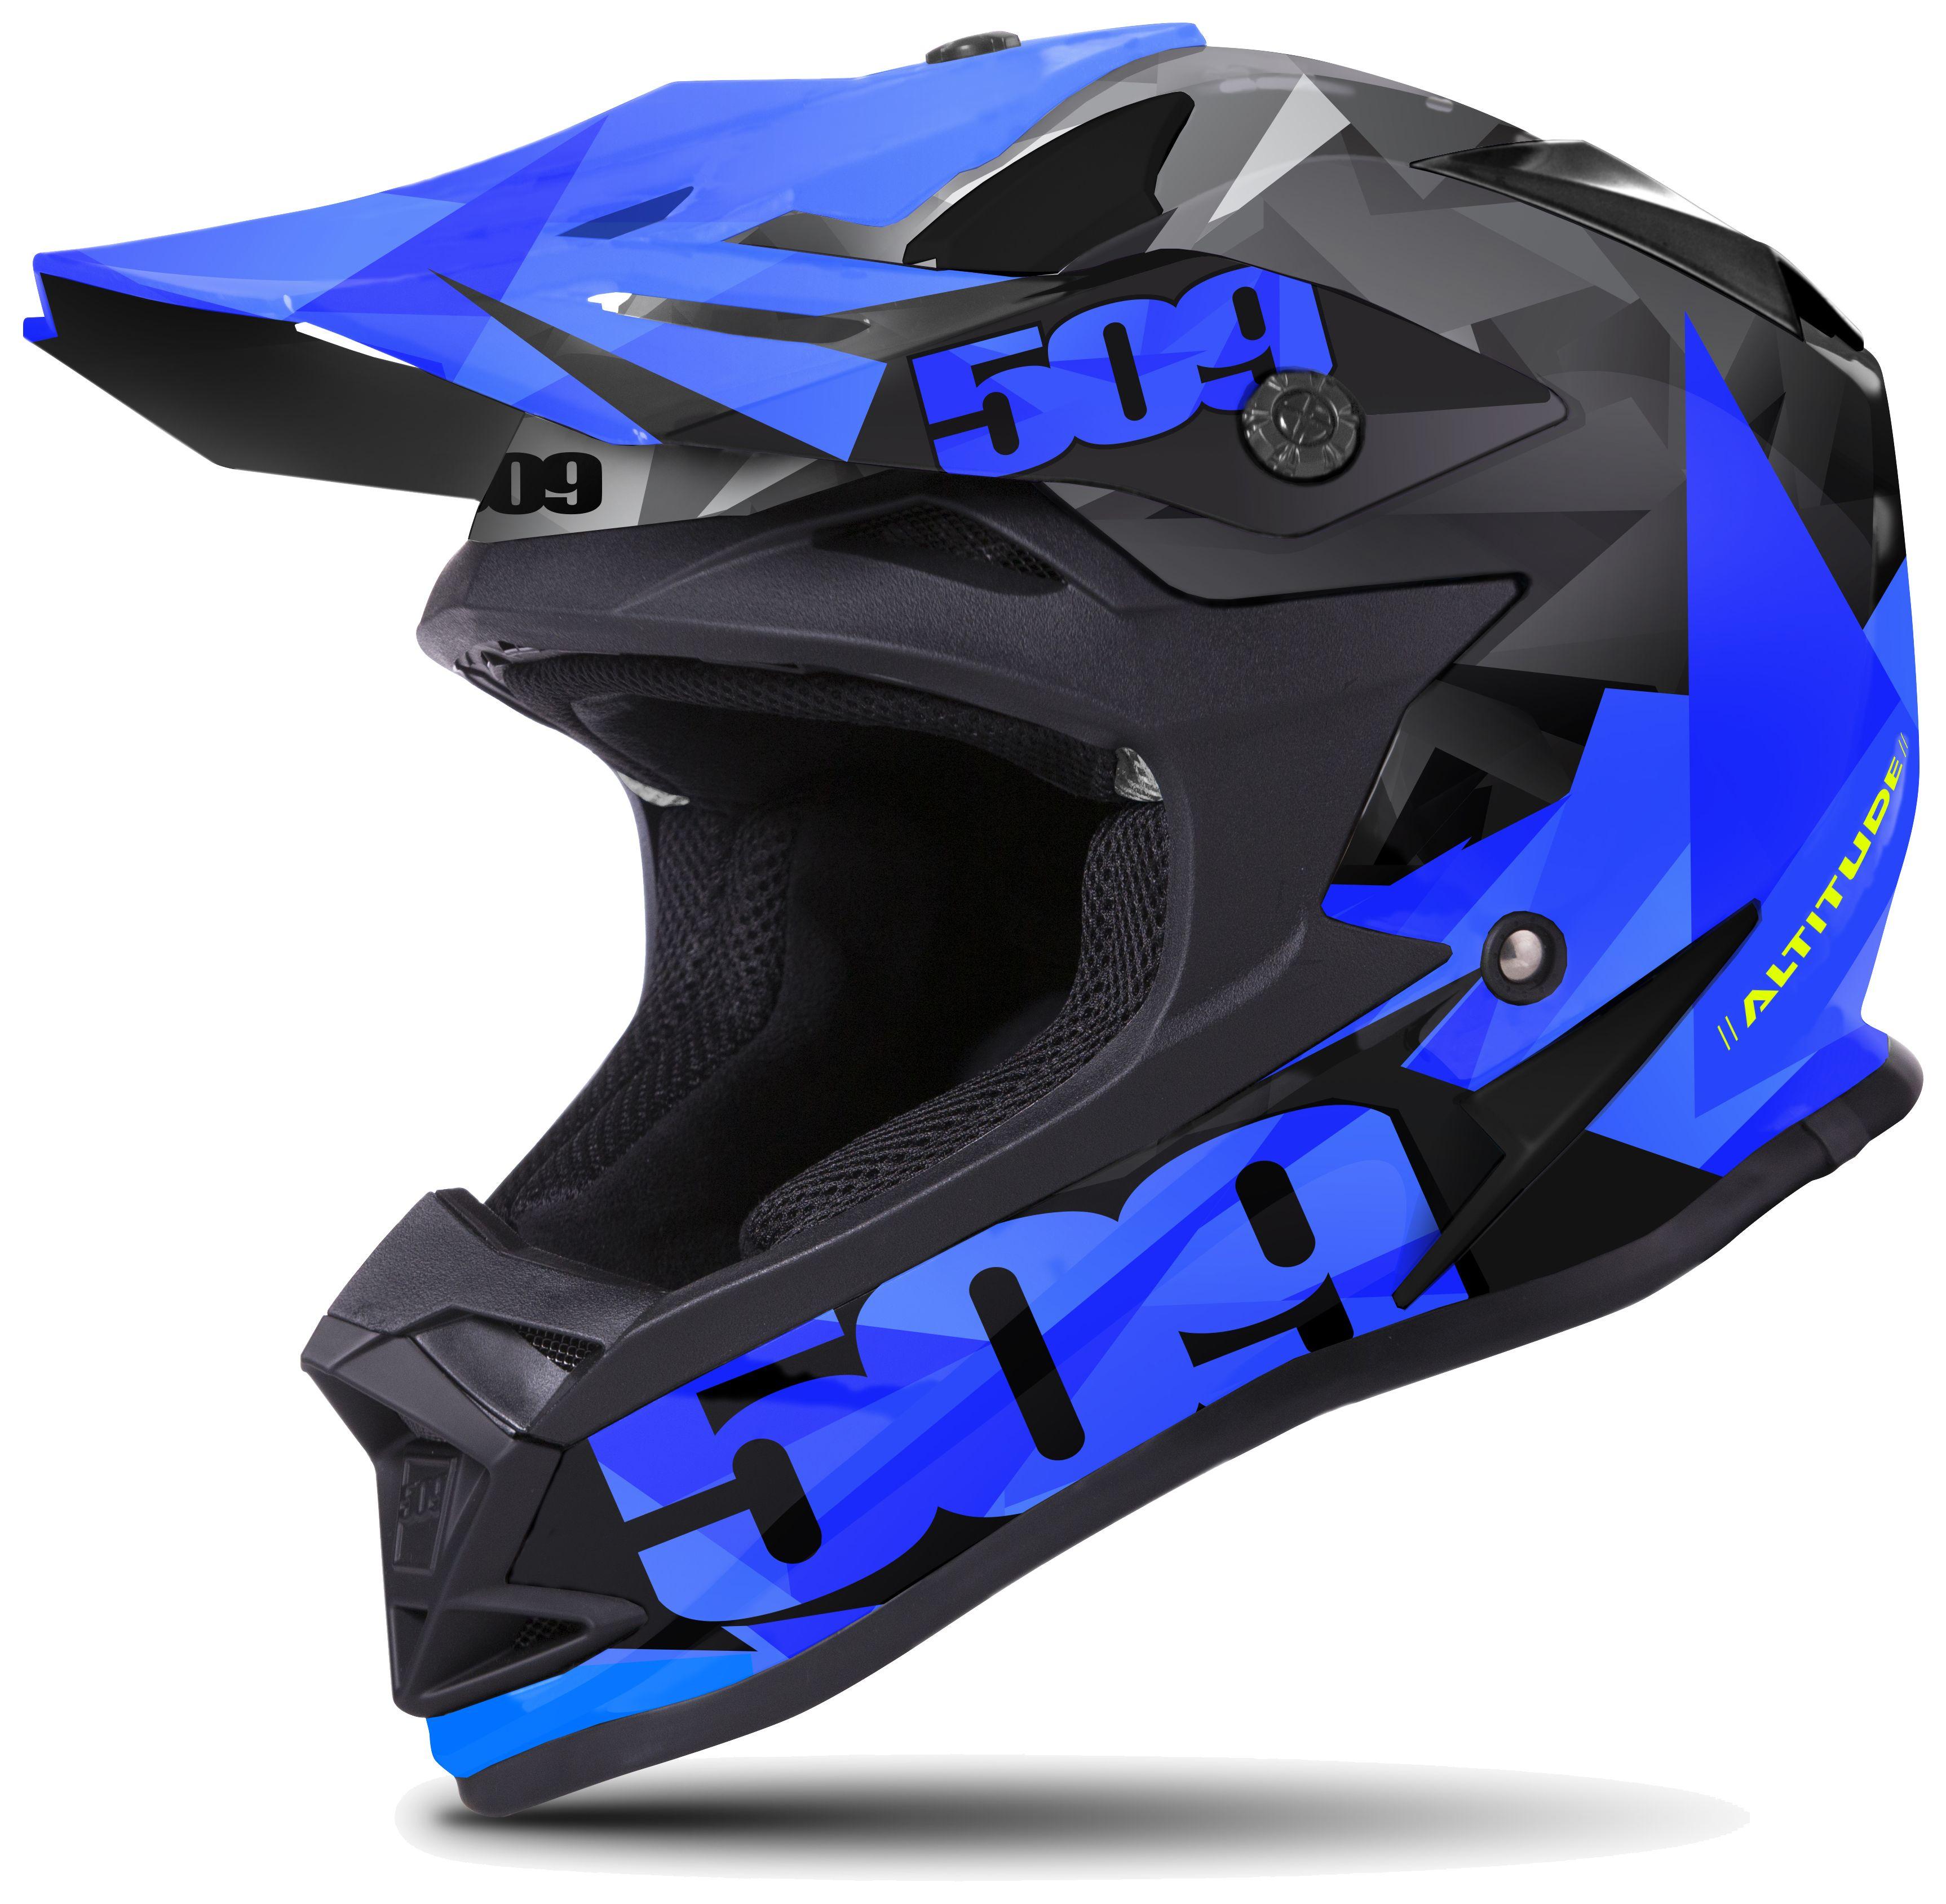 Full Face Cruiser Helmets >> 509 Altitude Triangle Helmet | 30% ($71.98) Off! - RevZilla